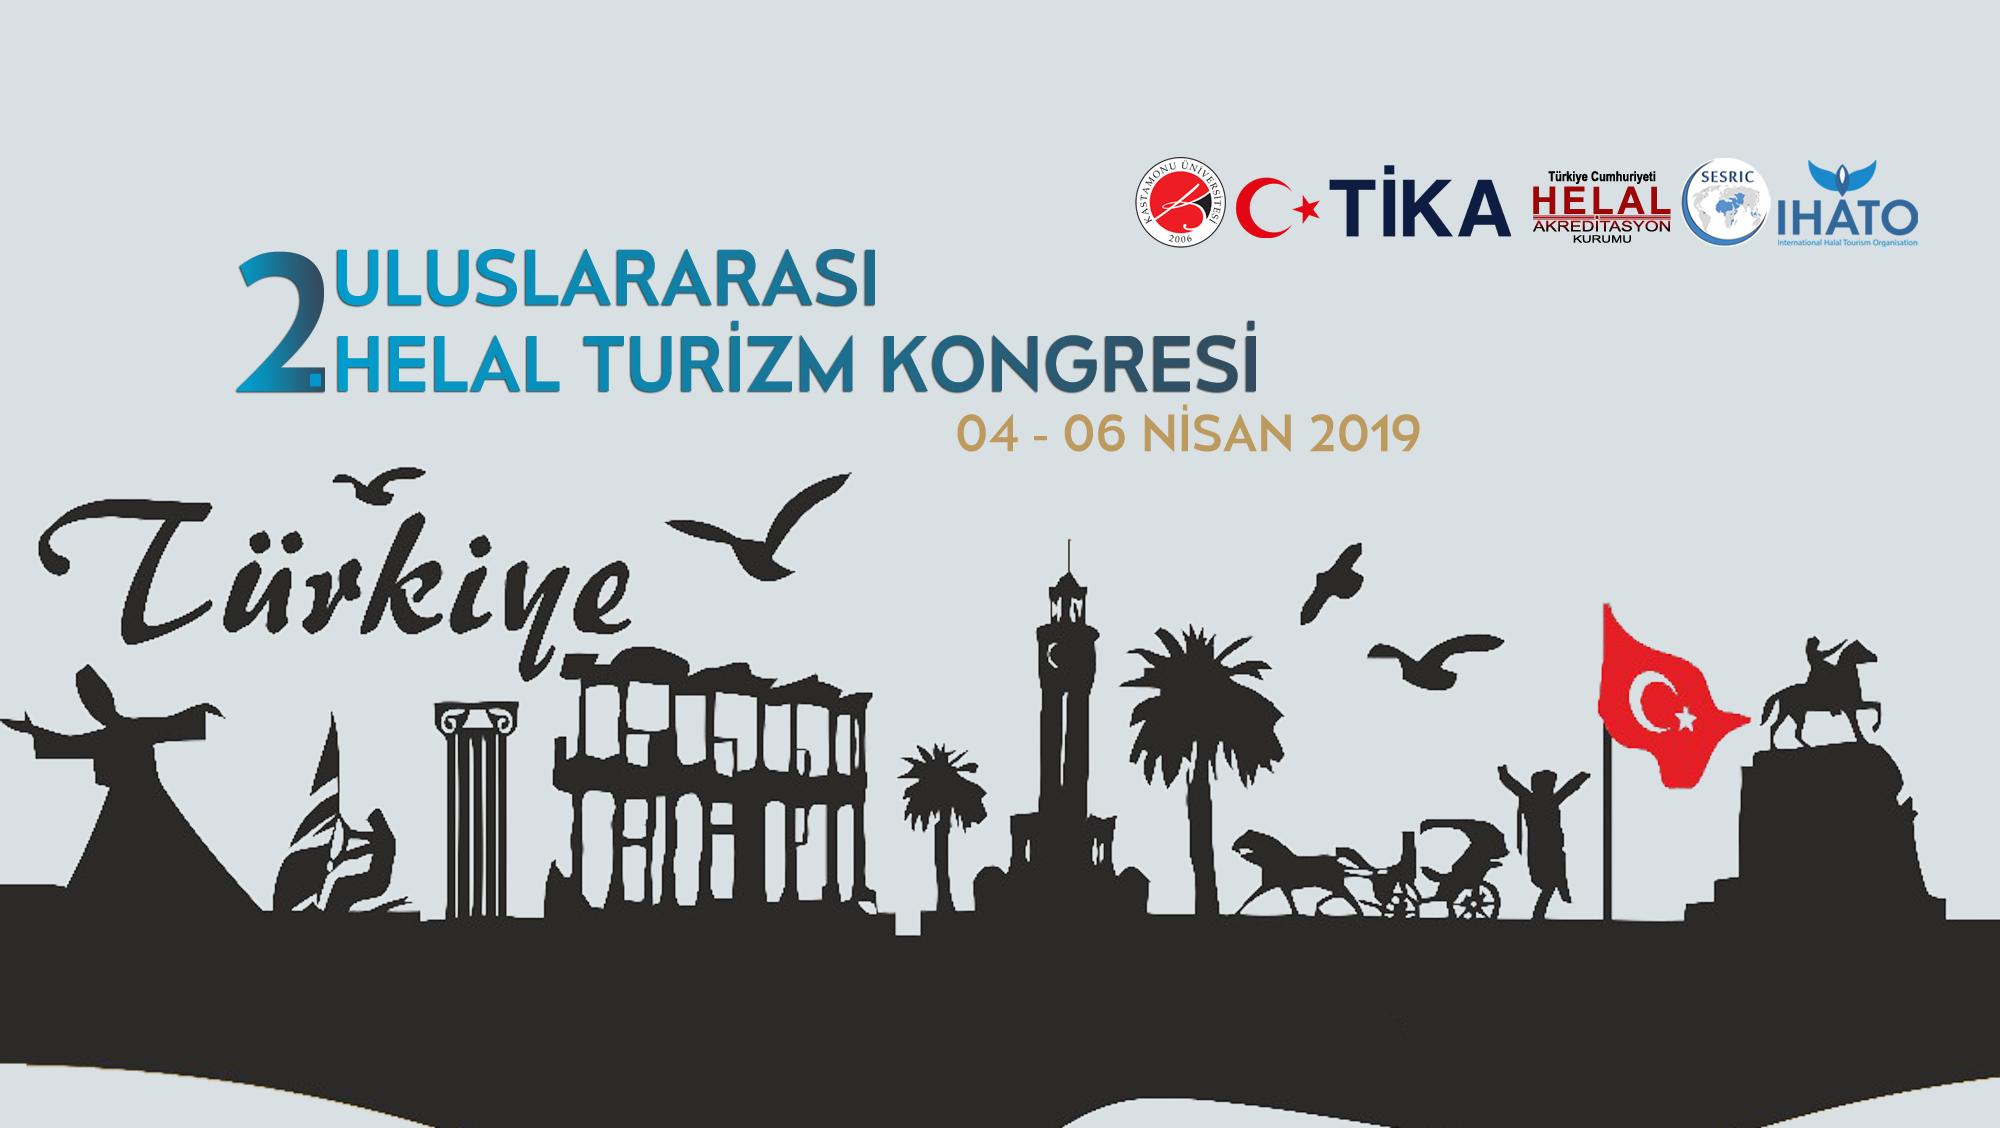 2. Uluslararası Helâl Turizm Kongresi – 2019